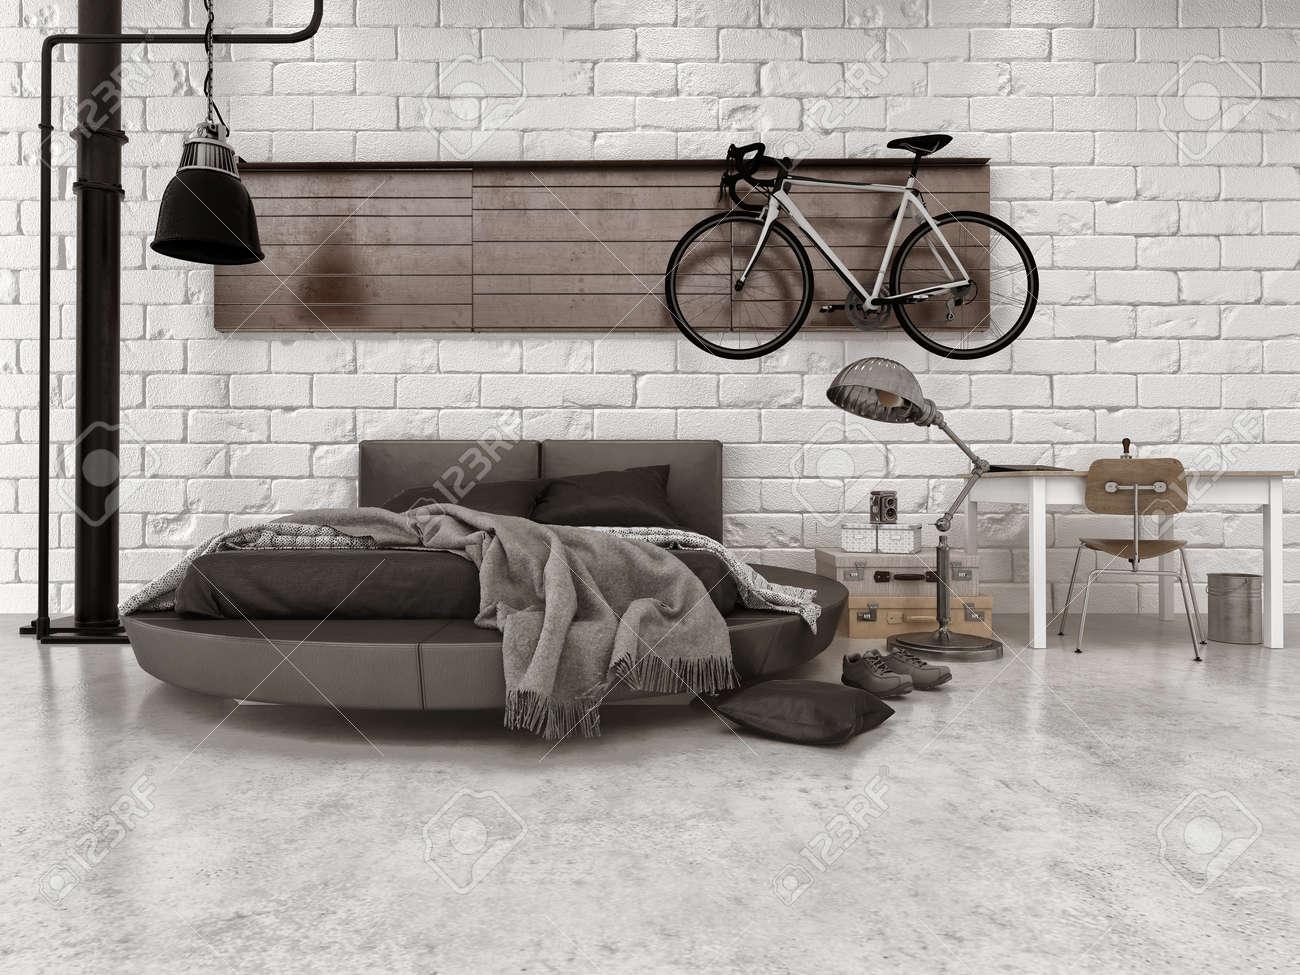 Moderne slaapkamer loft style in appartement met woninginrichting ...